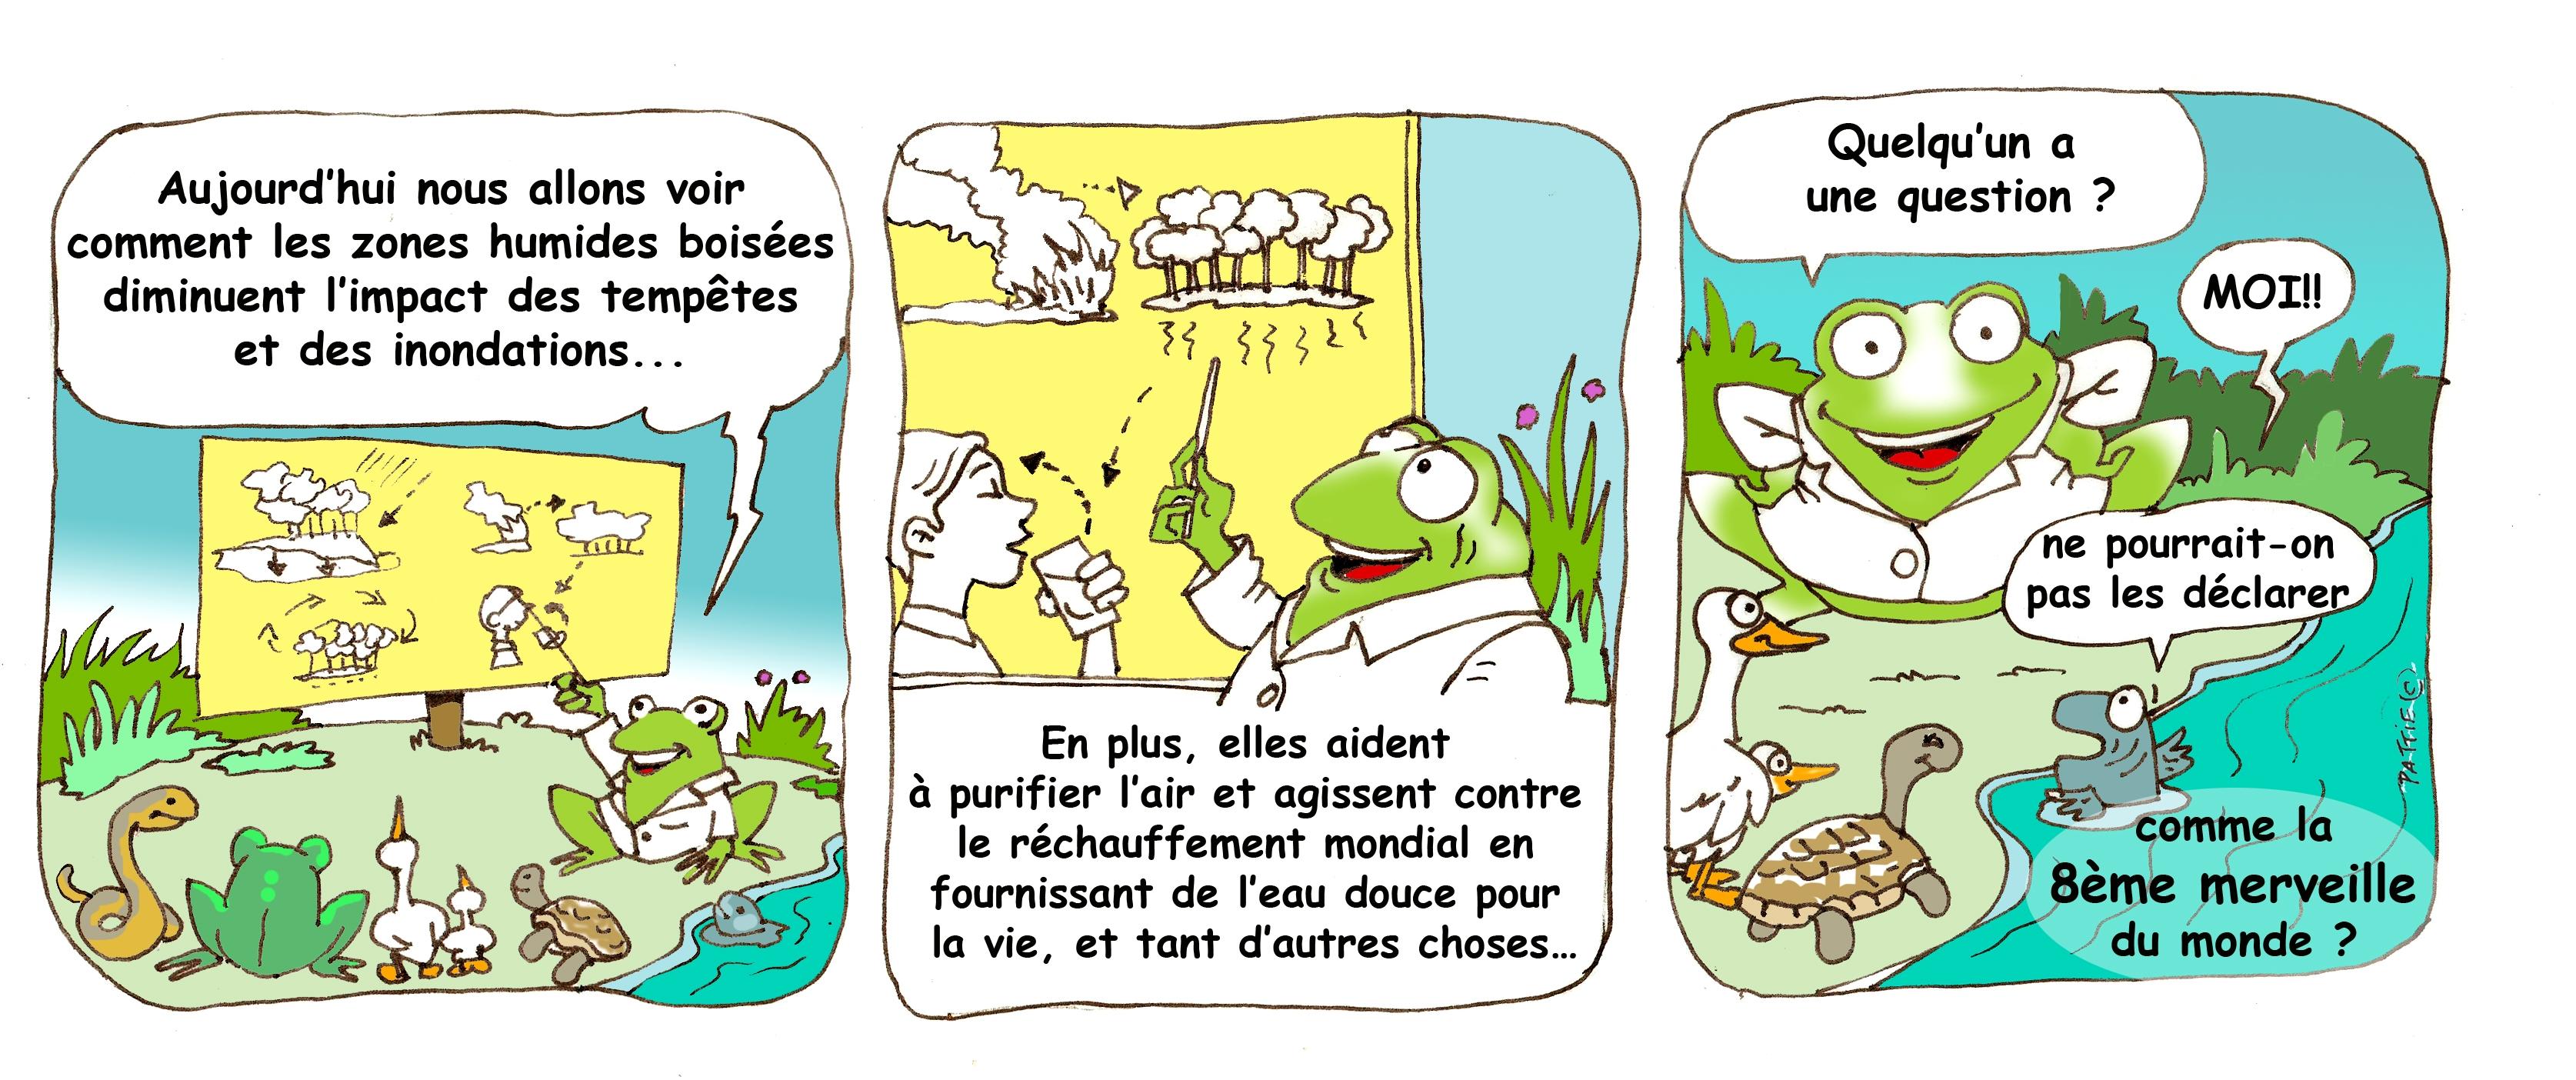 Ecology comic strip franch